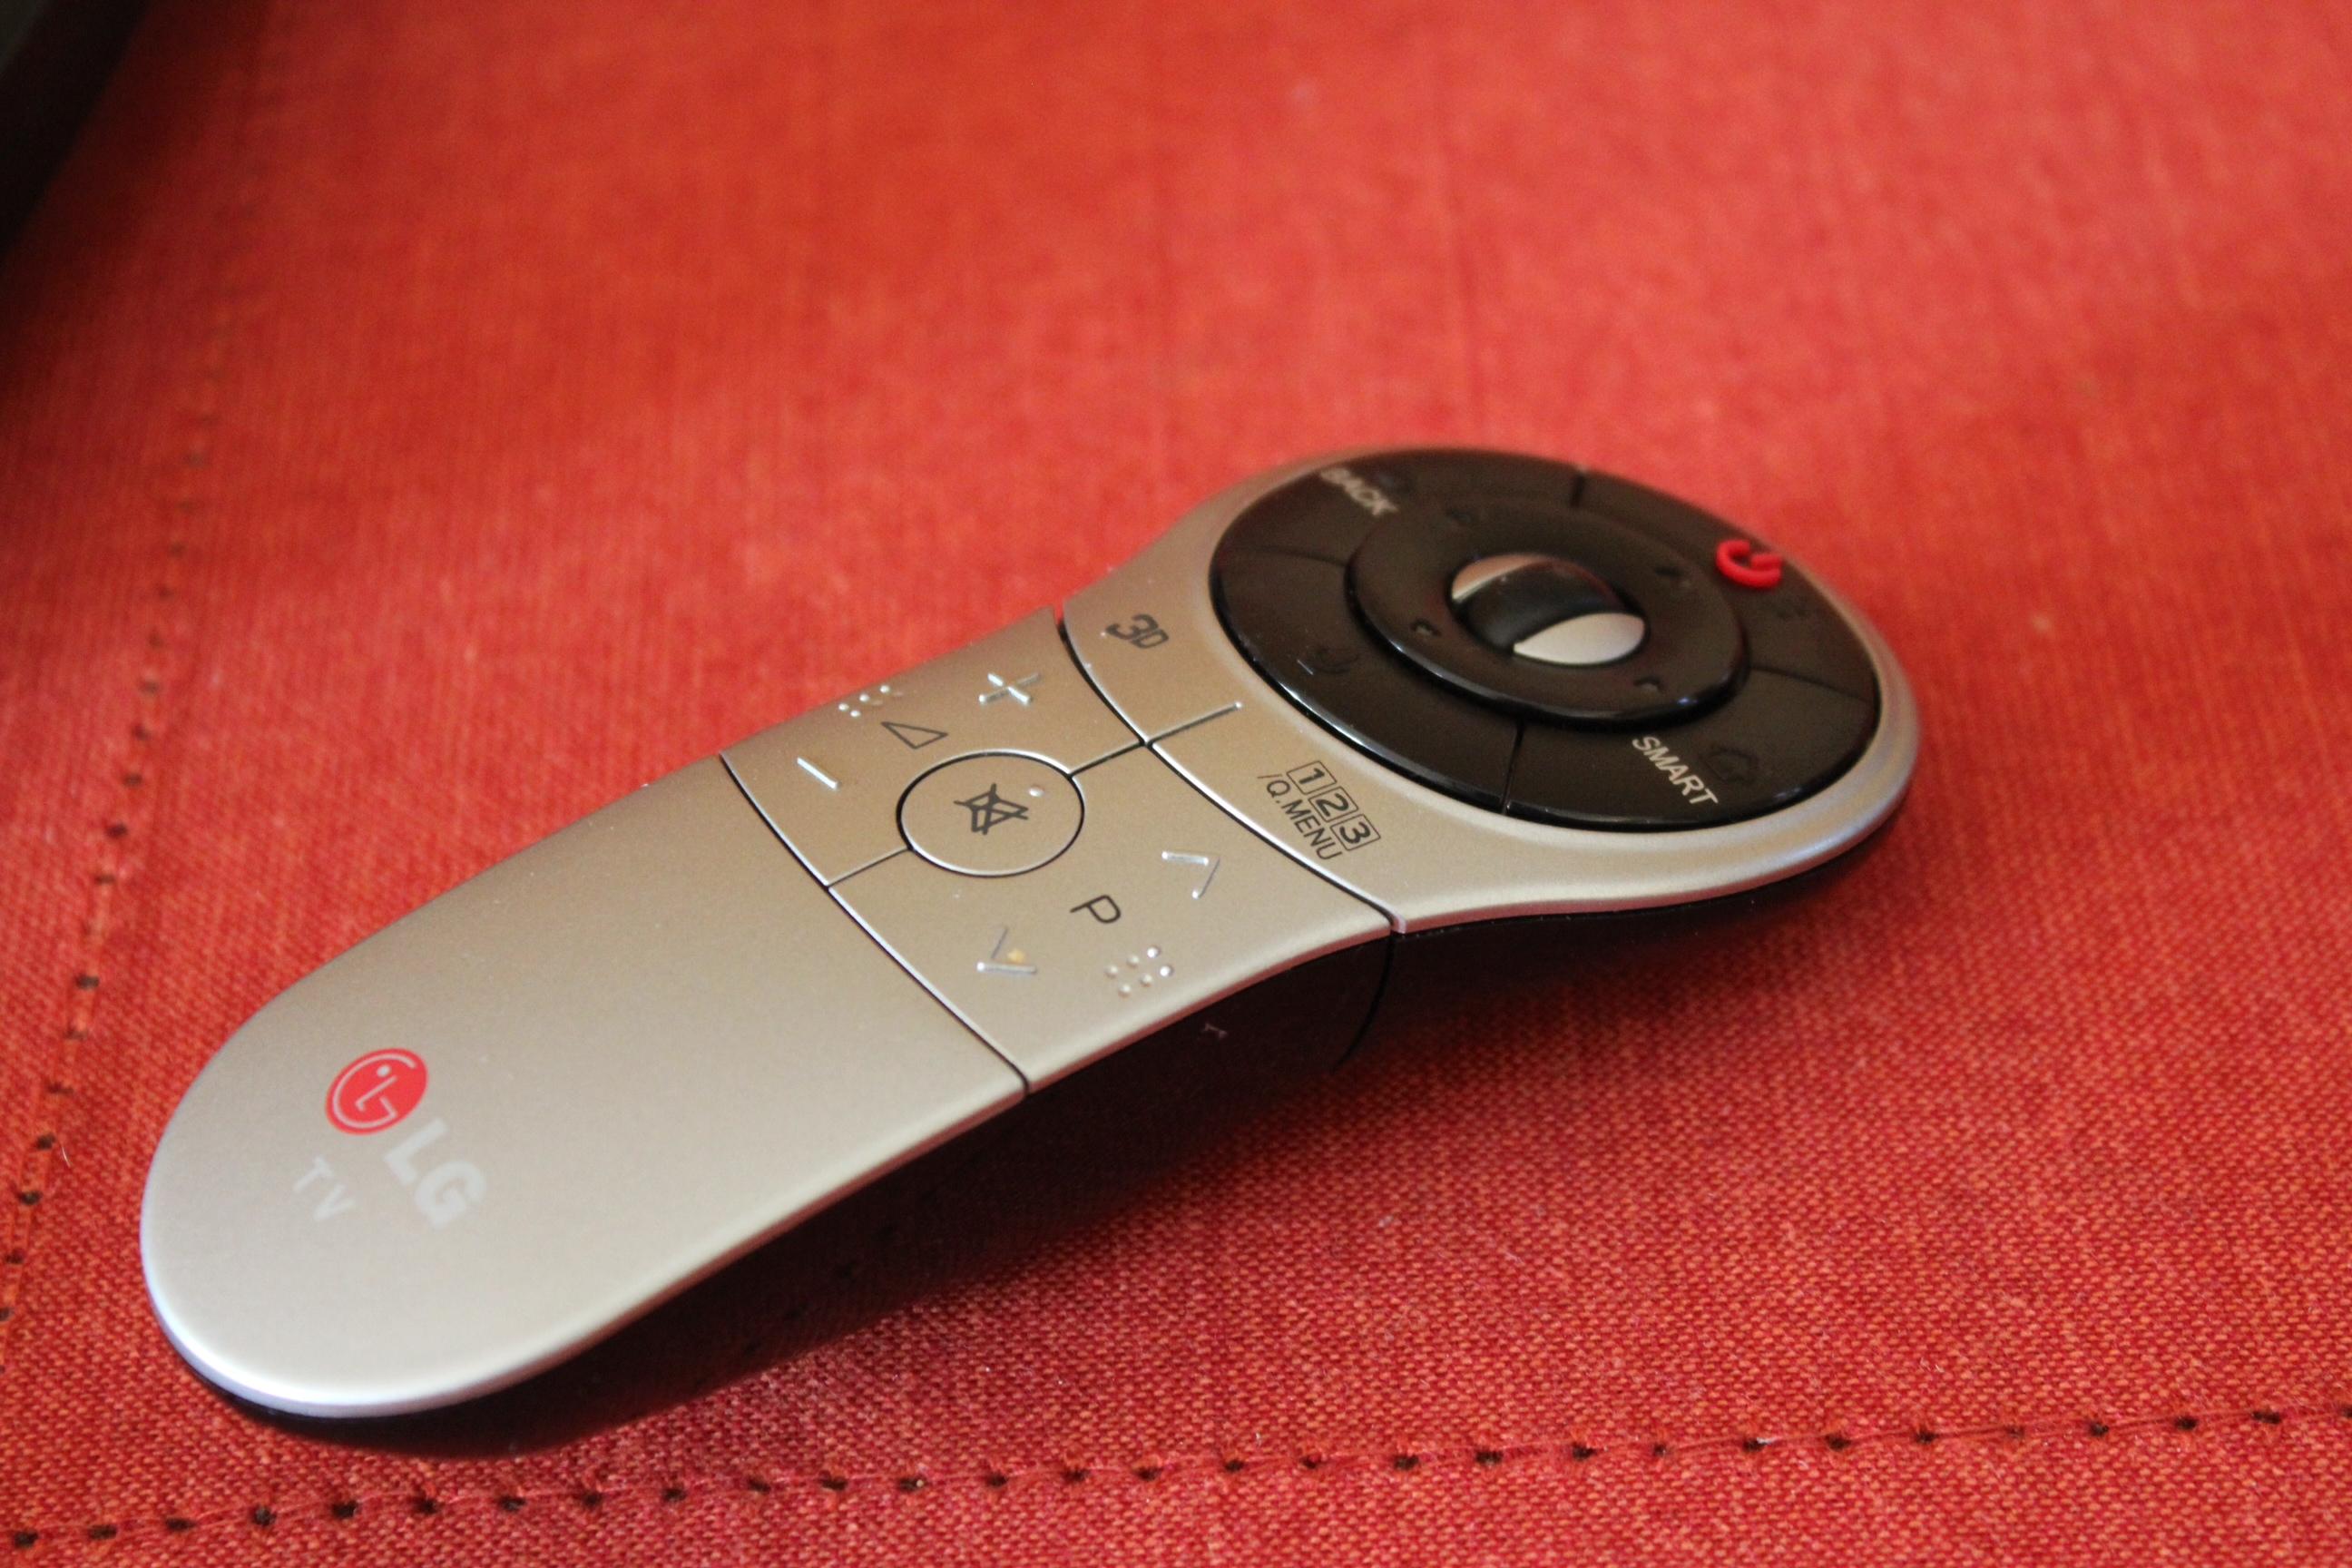 LG 47LA691s, czyli Smart TV dla tych, co nie lubią przepłacać – recenzja Spider's Web